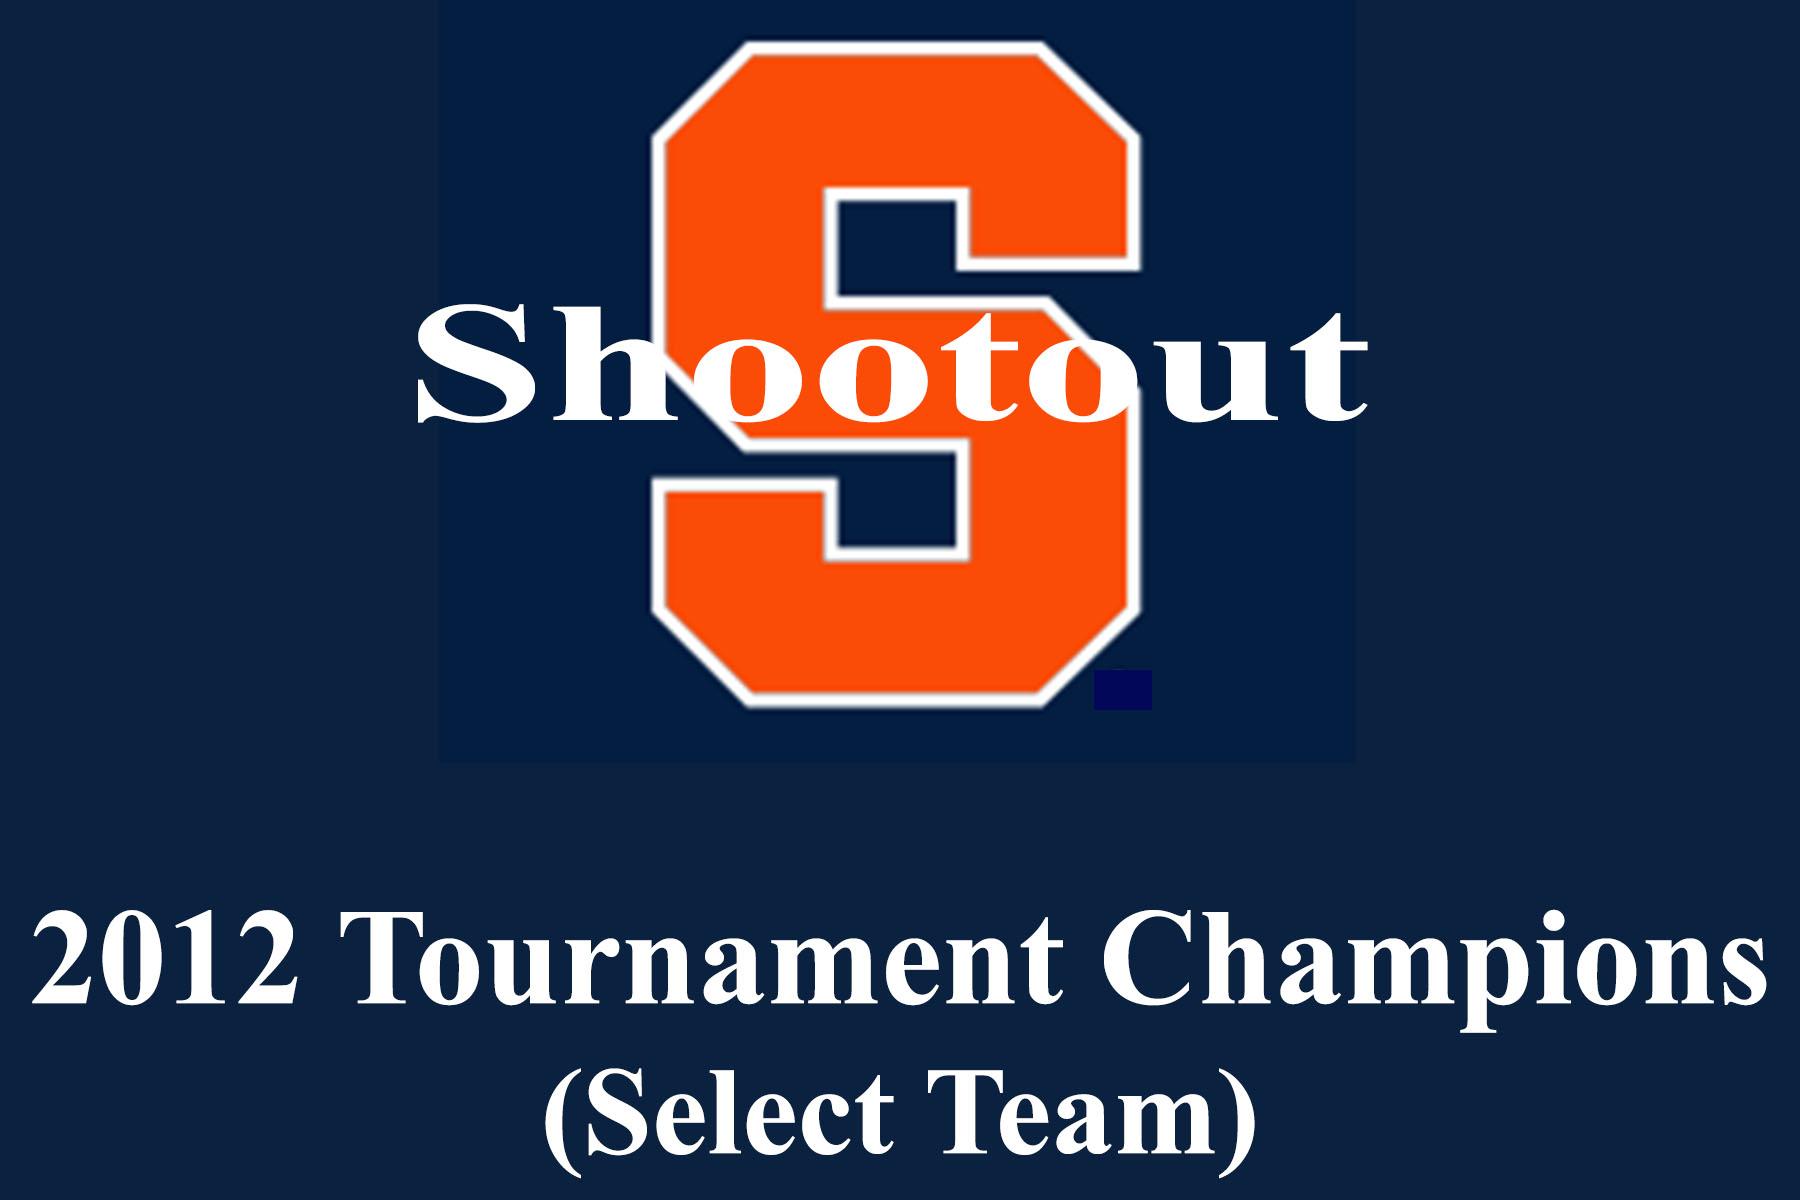 2012 su shootout champs